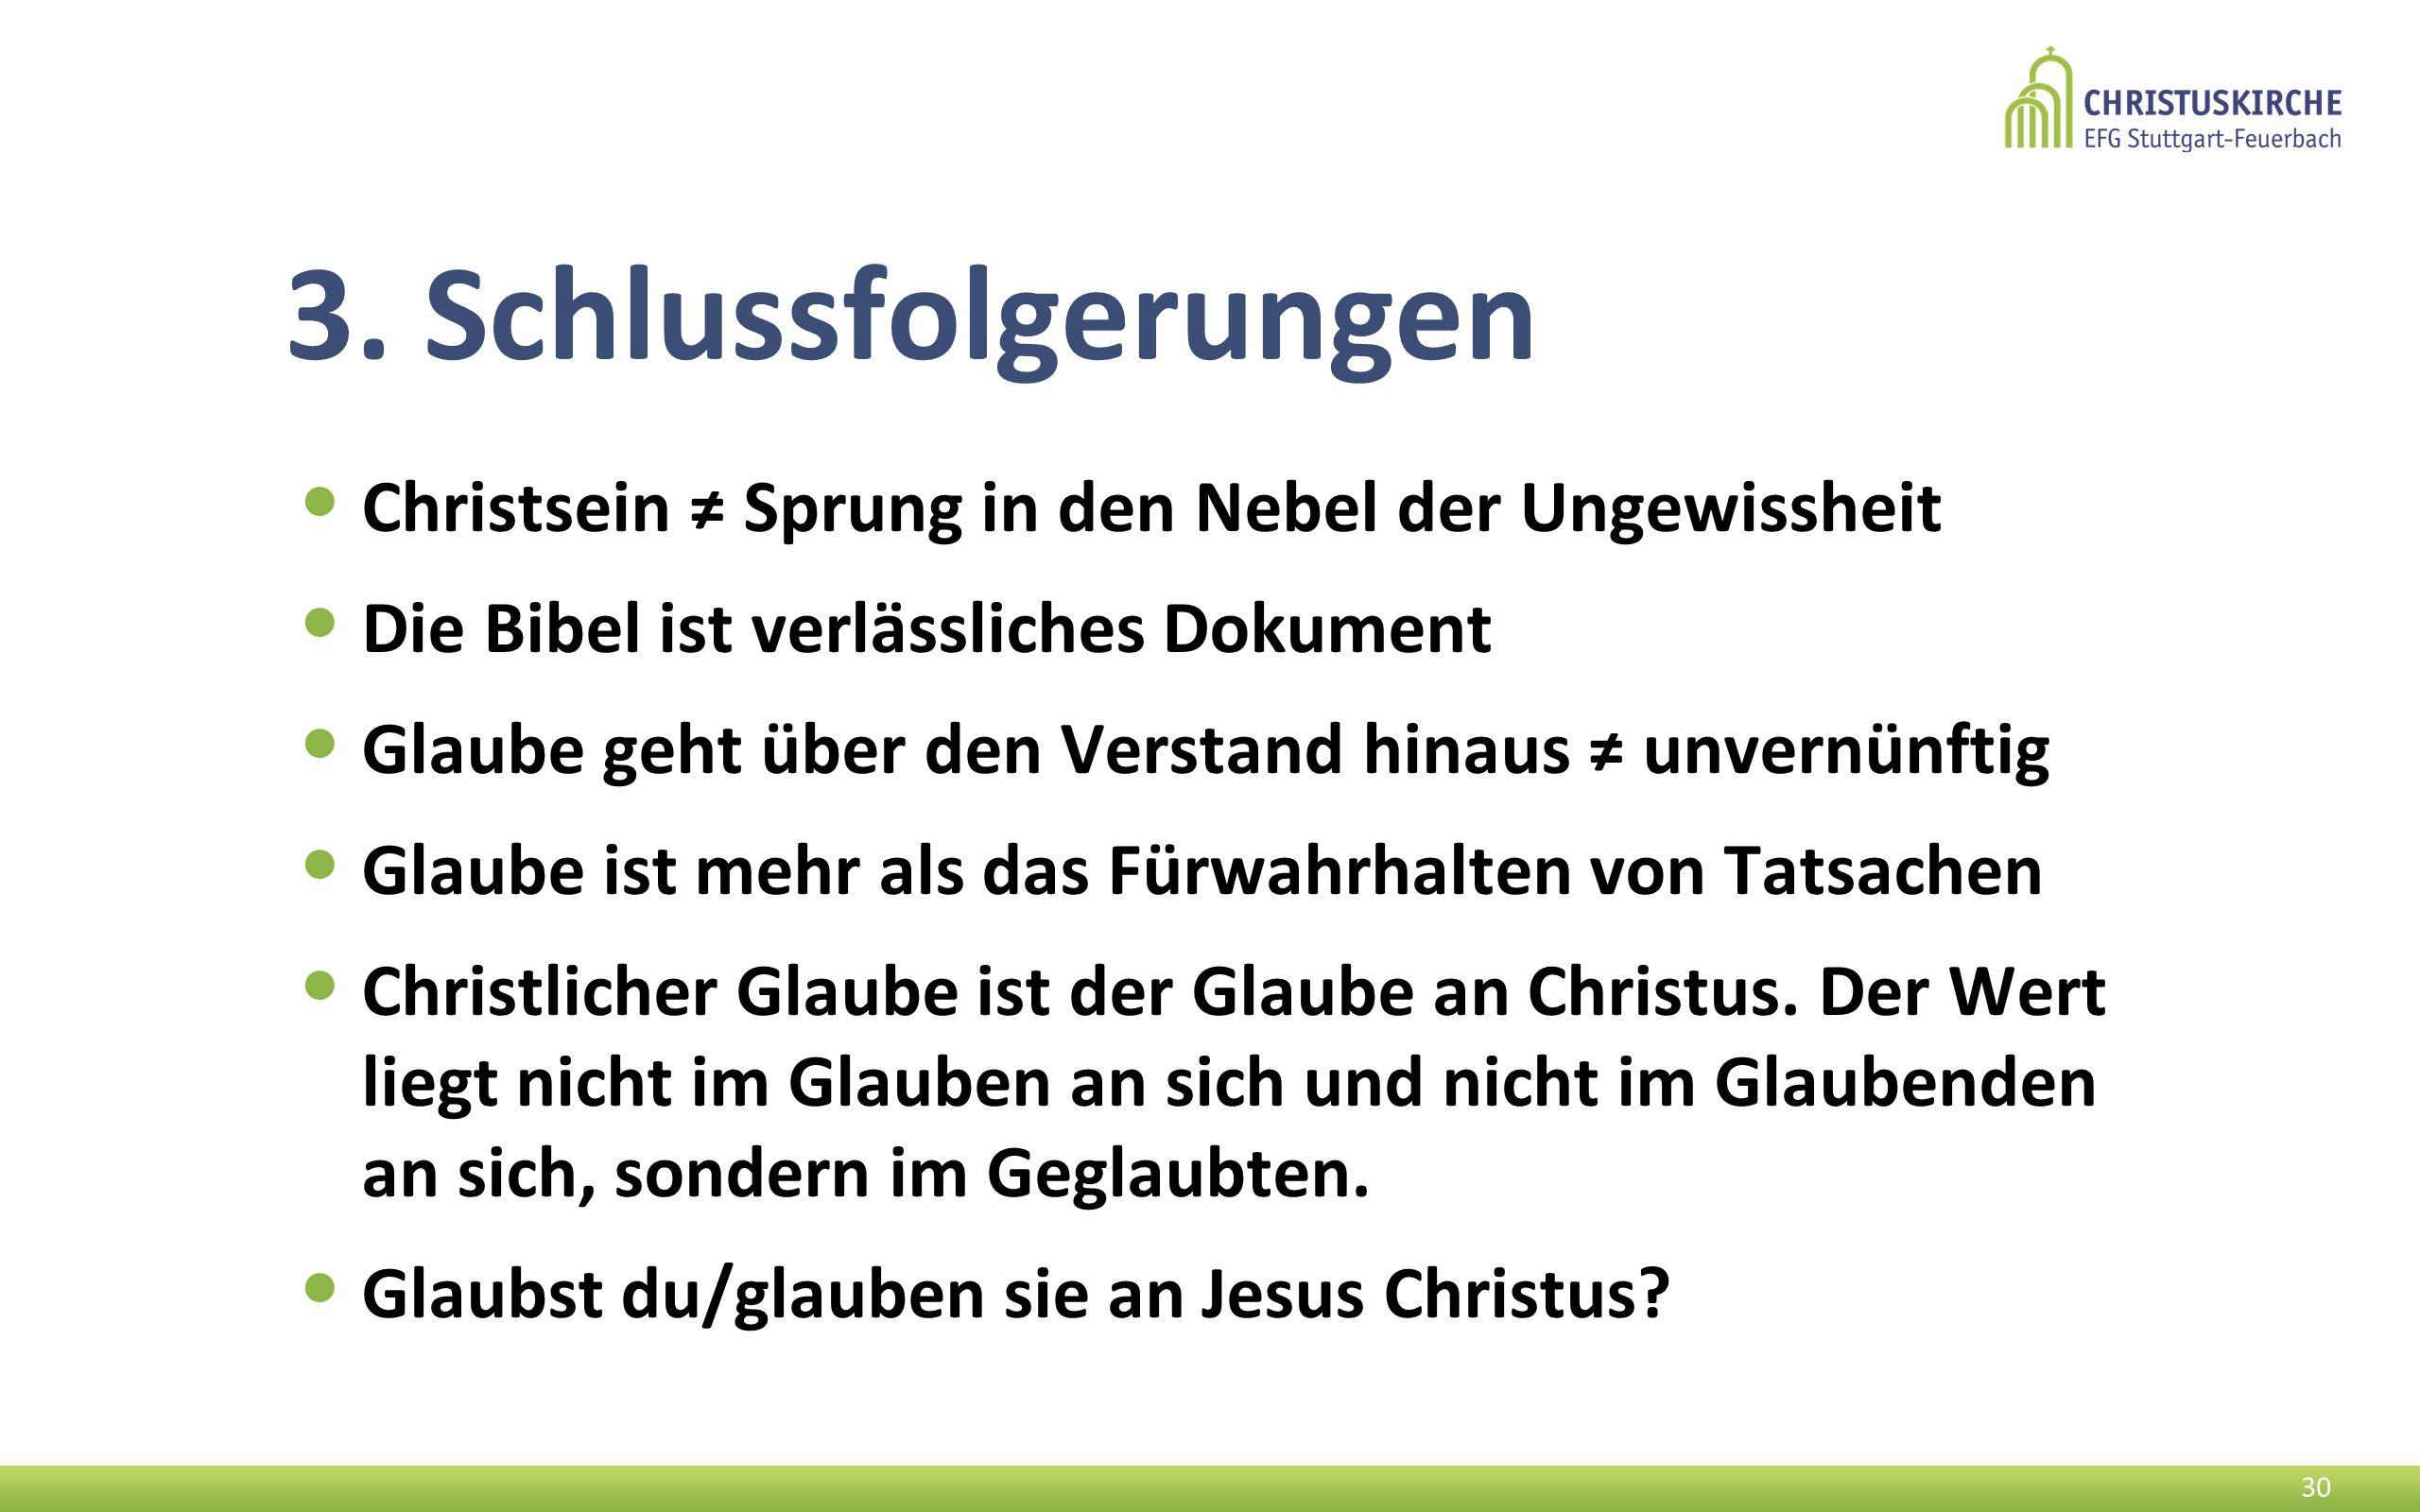 3. Schlussfolgerungen Christsein ≠ Sprung in den Nebel der Ungewissheit. Die Bibel ist verlässliches Dokument.